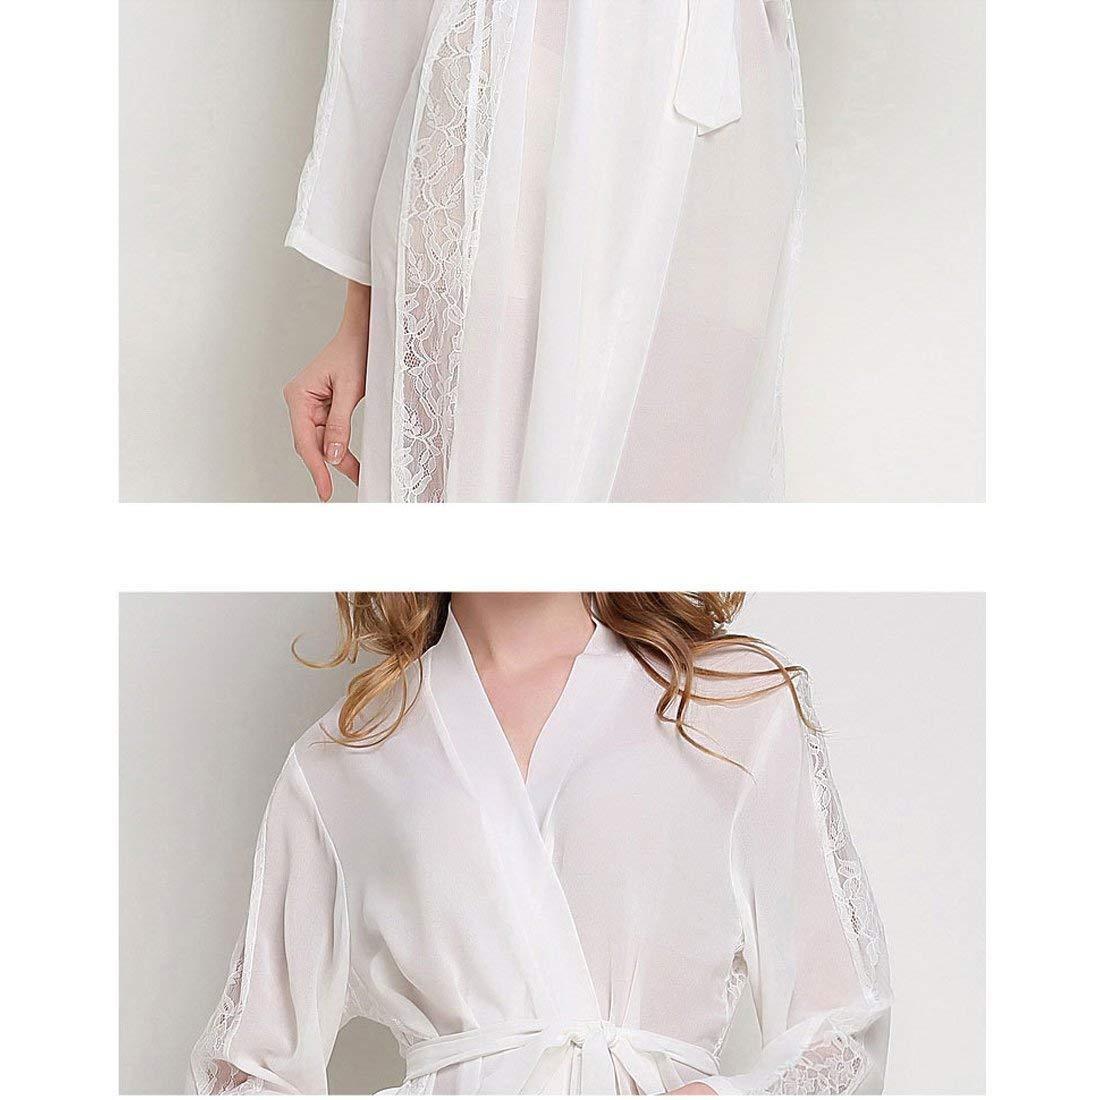 Señoras Gasa Largas Kimono Batas Manga Larga Fácil Albornoz Clásico Encaje Borde Noche Cálido Shea Nighty Pijama Mujeres (Color : Blanco, Size : One Size): ...